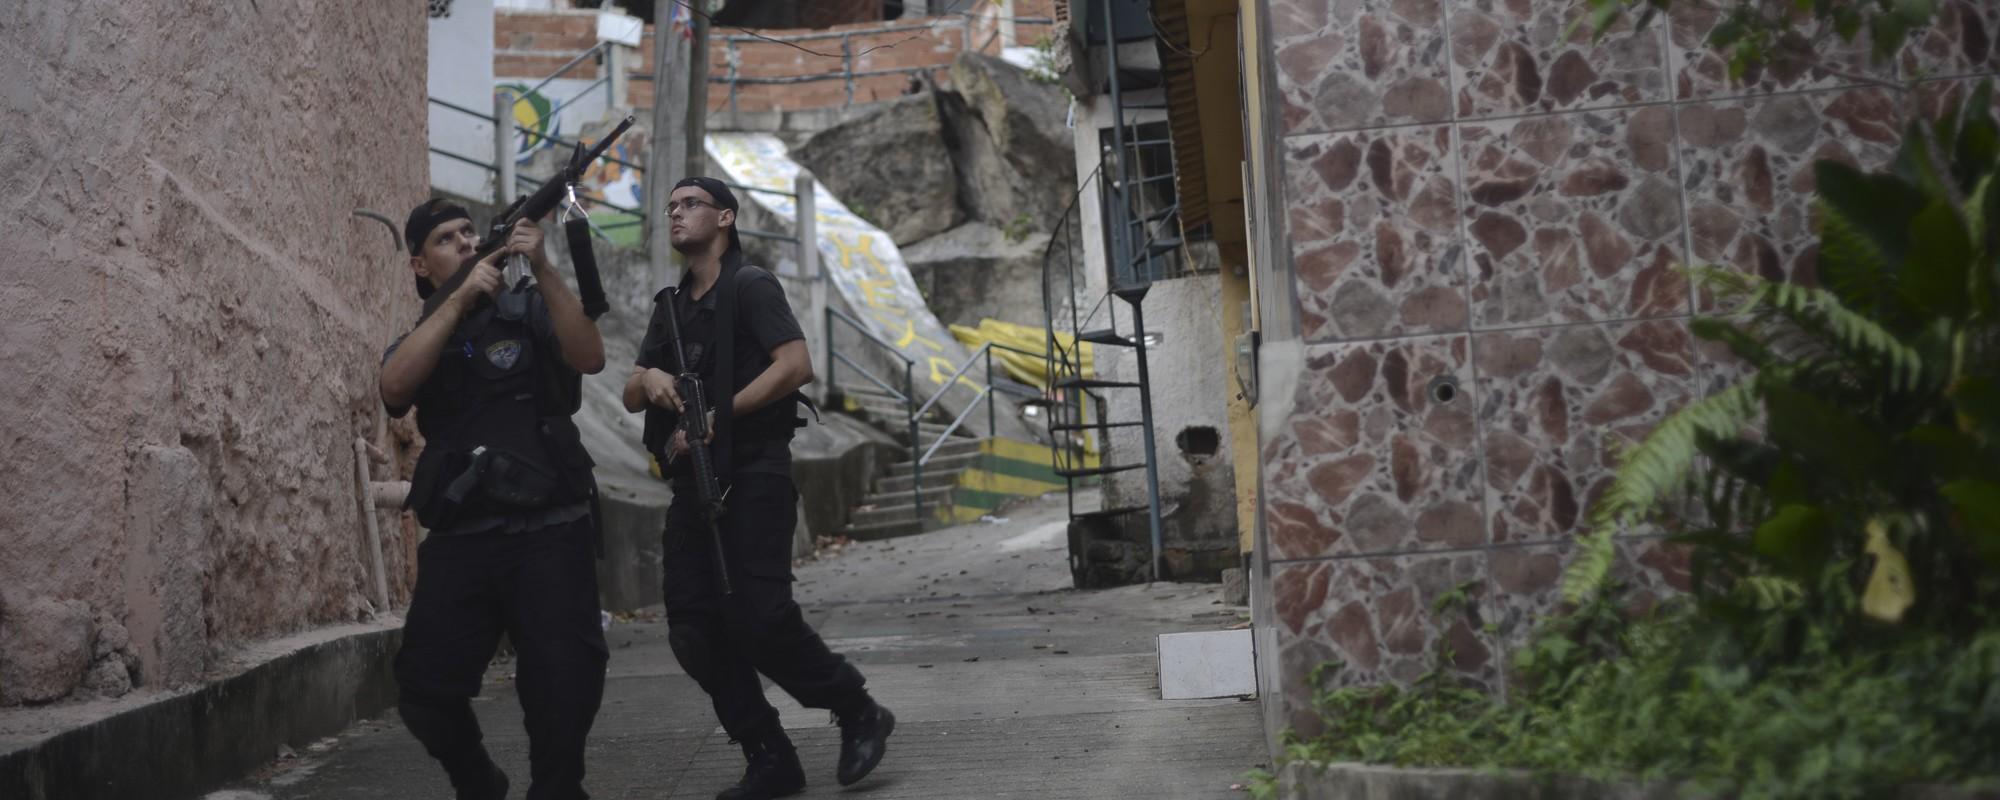 A Operação da Polícia Assustou os Moradores da Favela São José Operário